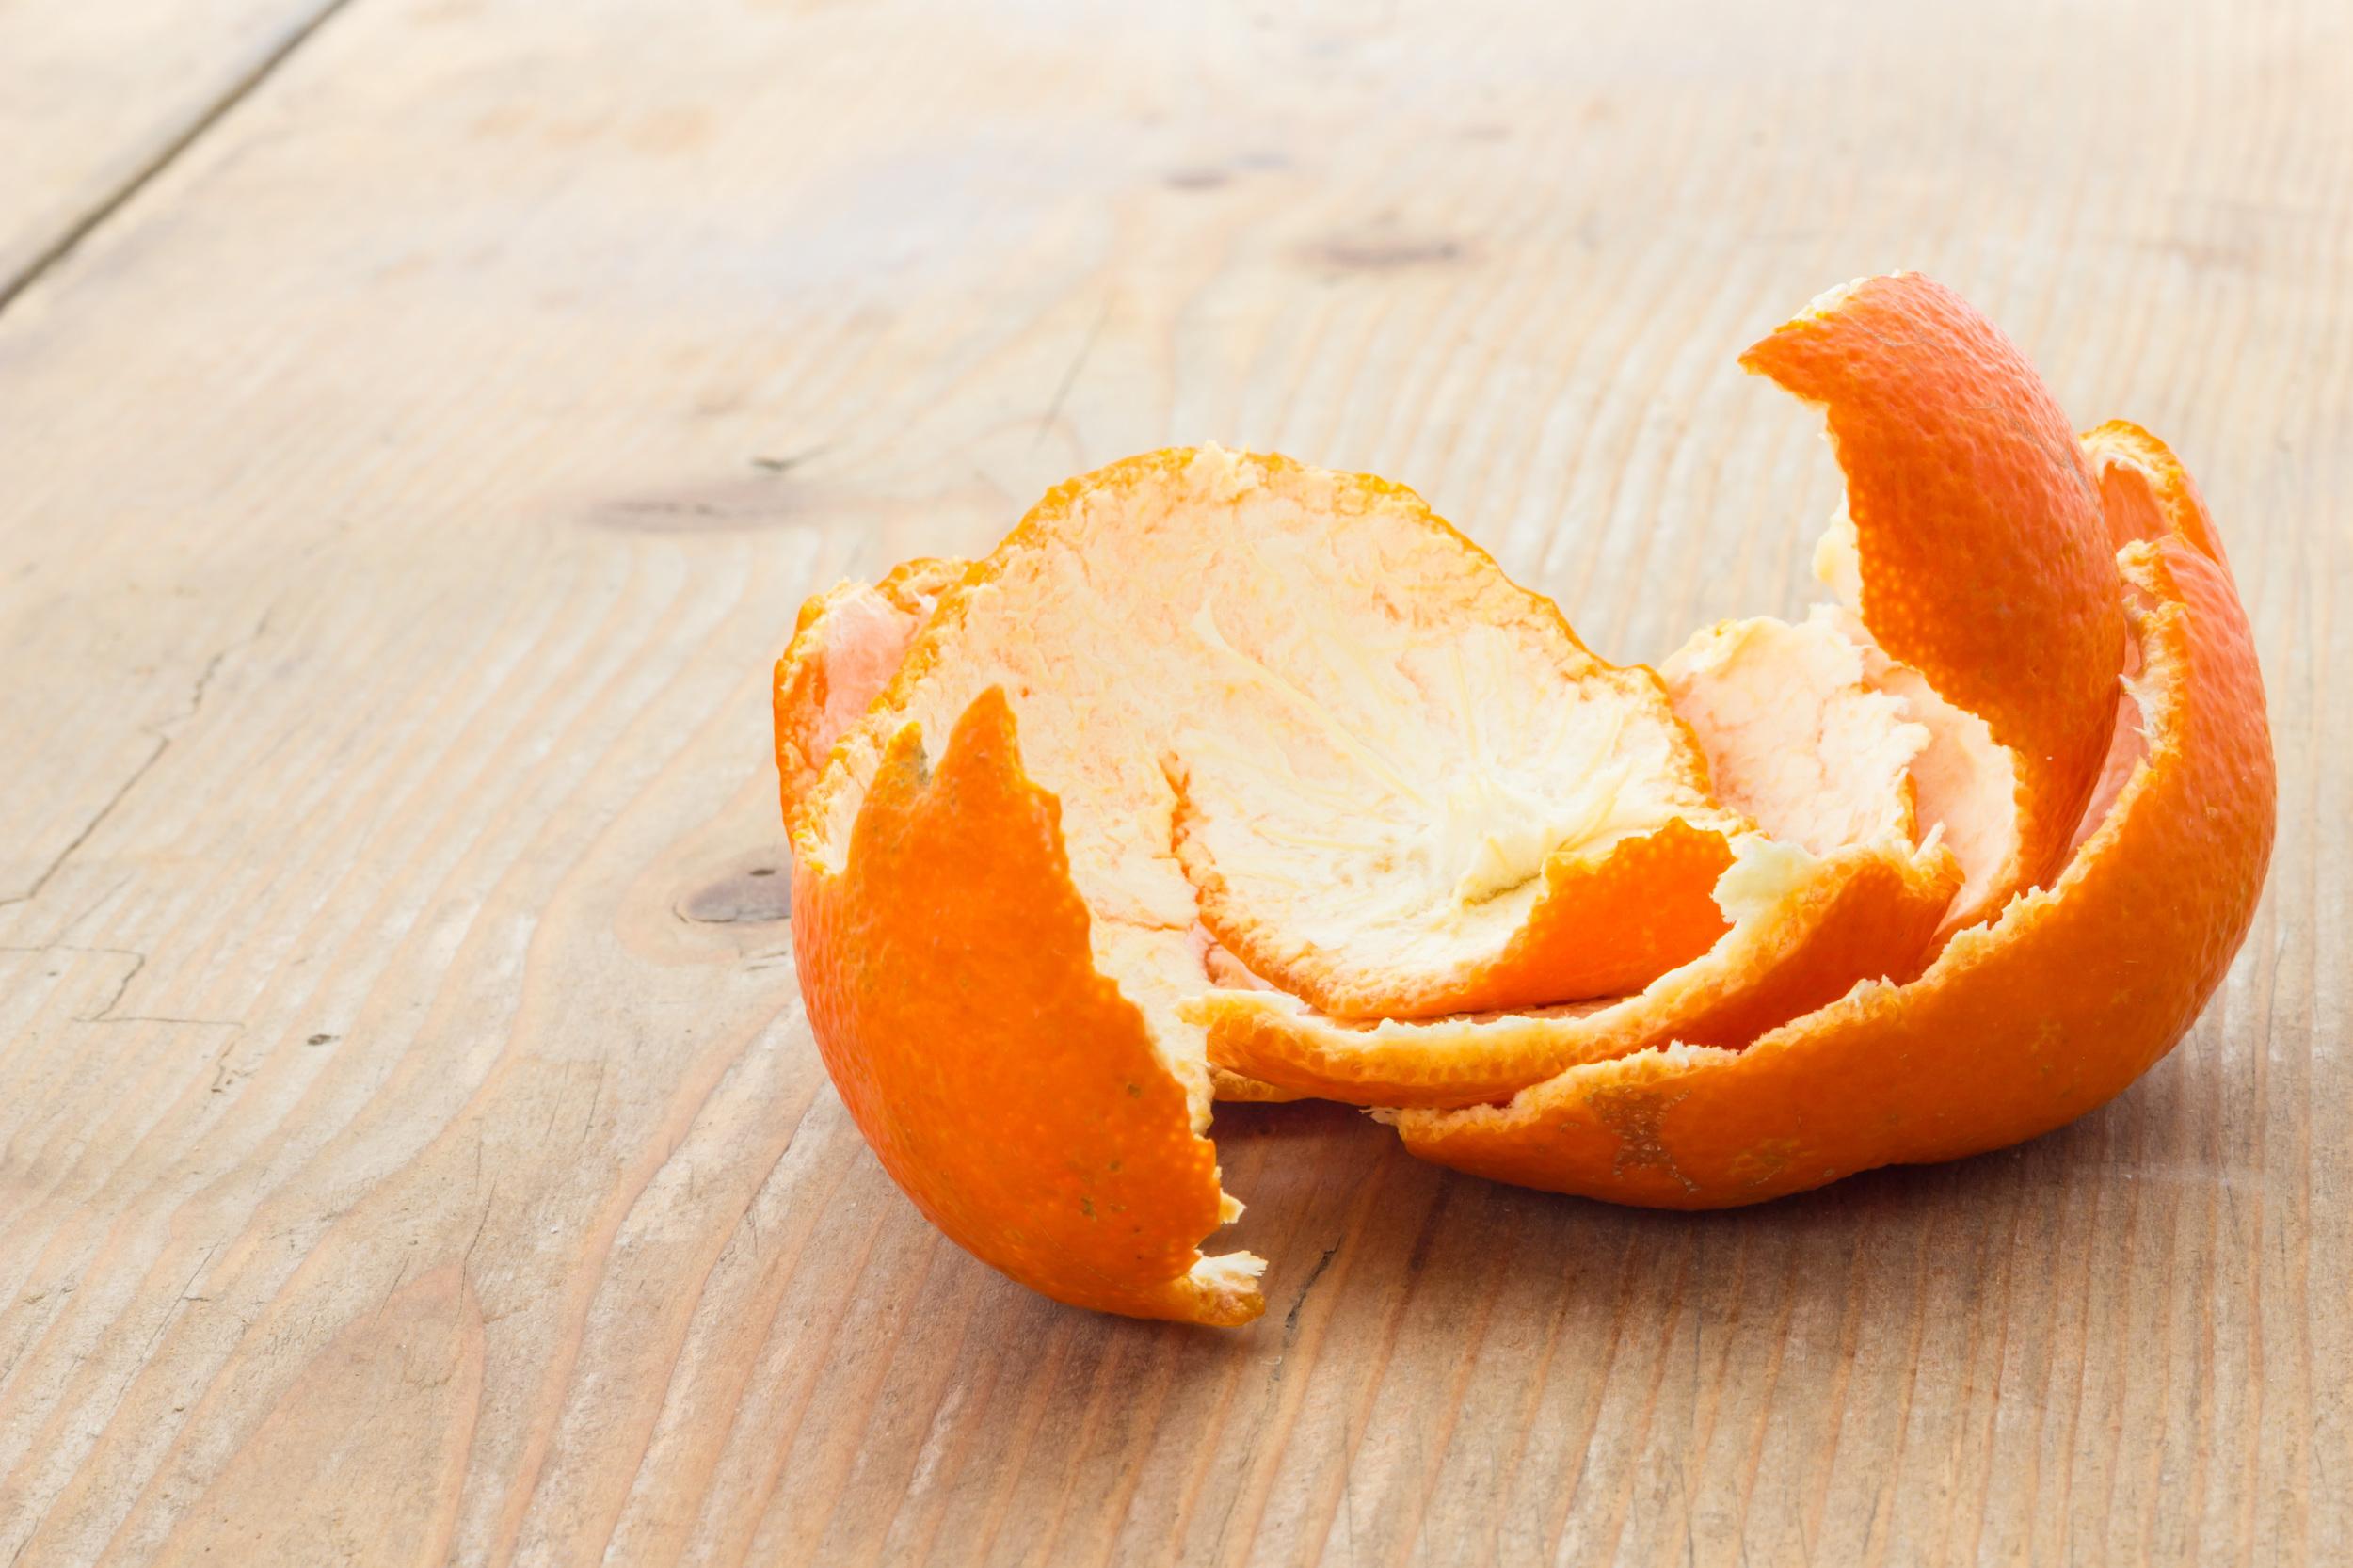 tangerine peels large.jpg